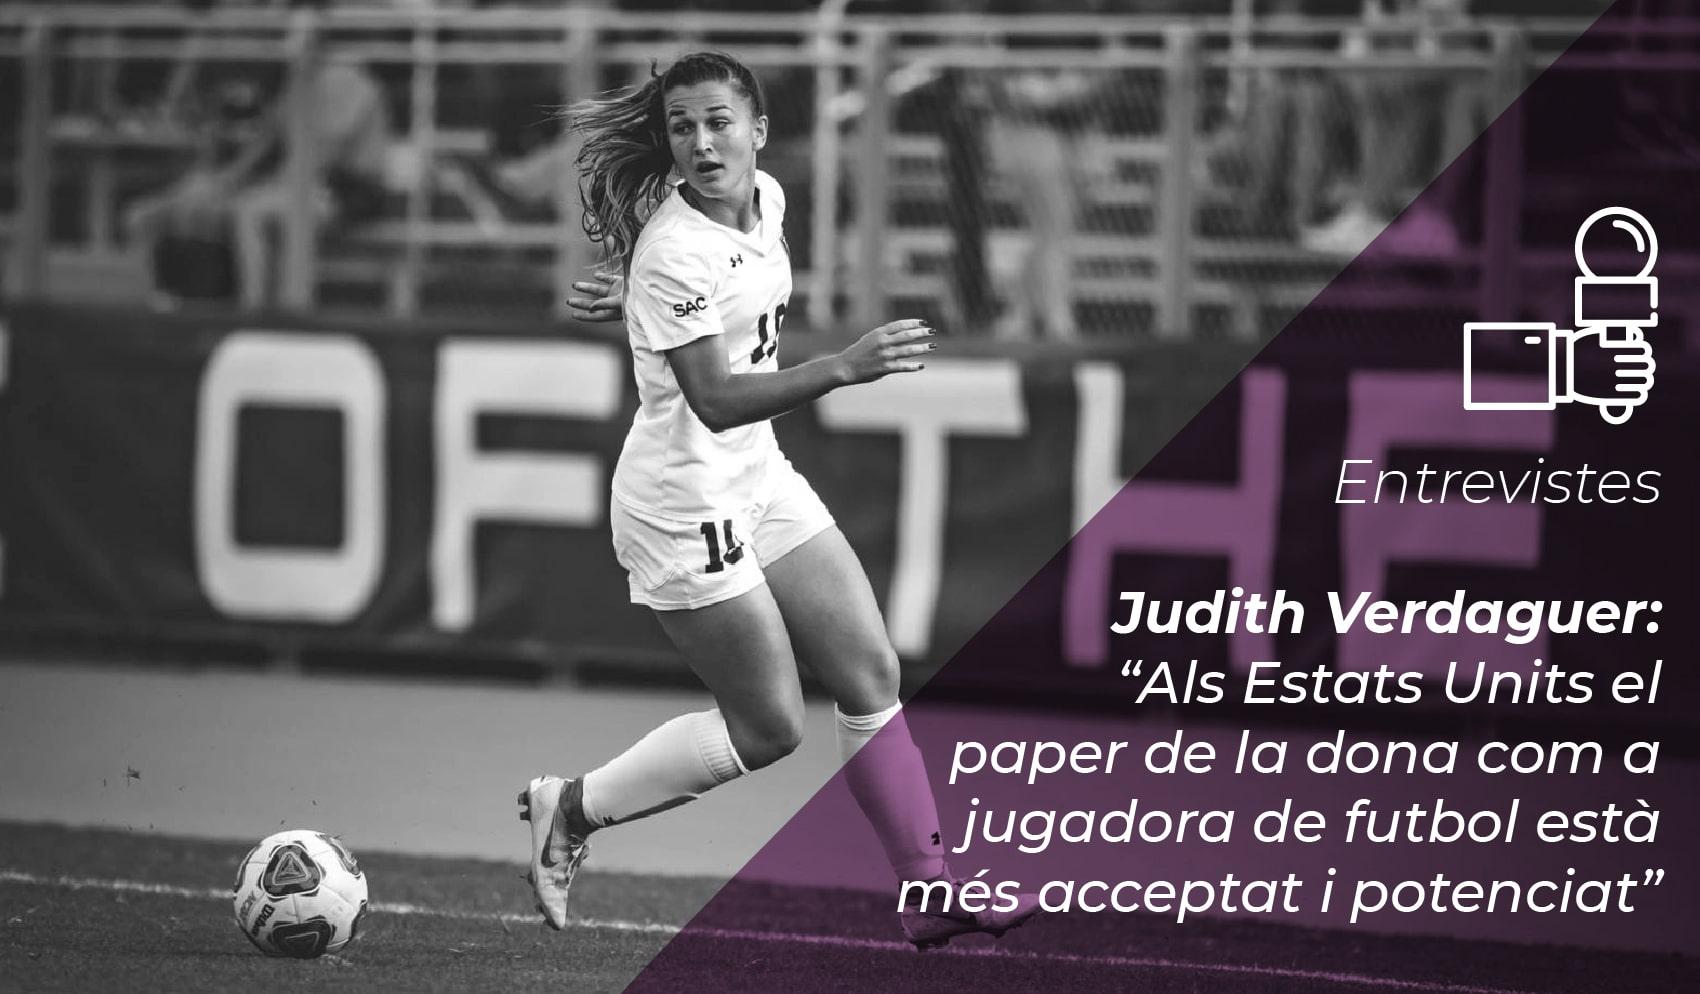 """Judith Verdaguer: """"Als Estats Units el paper de la dona com a jugadora de futbol està més acceptat i potenciat"""" 2"""